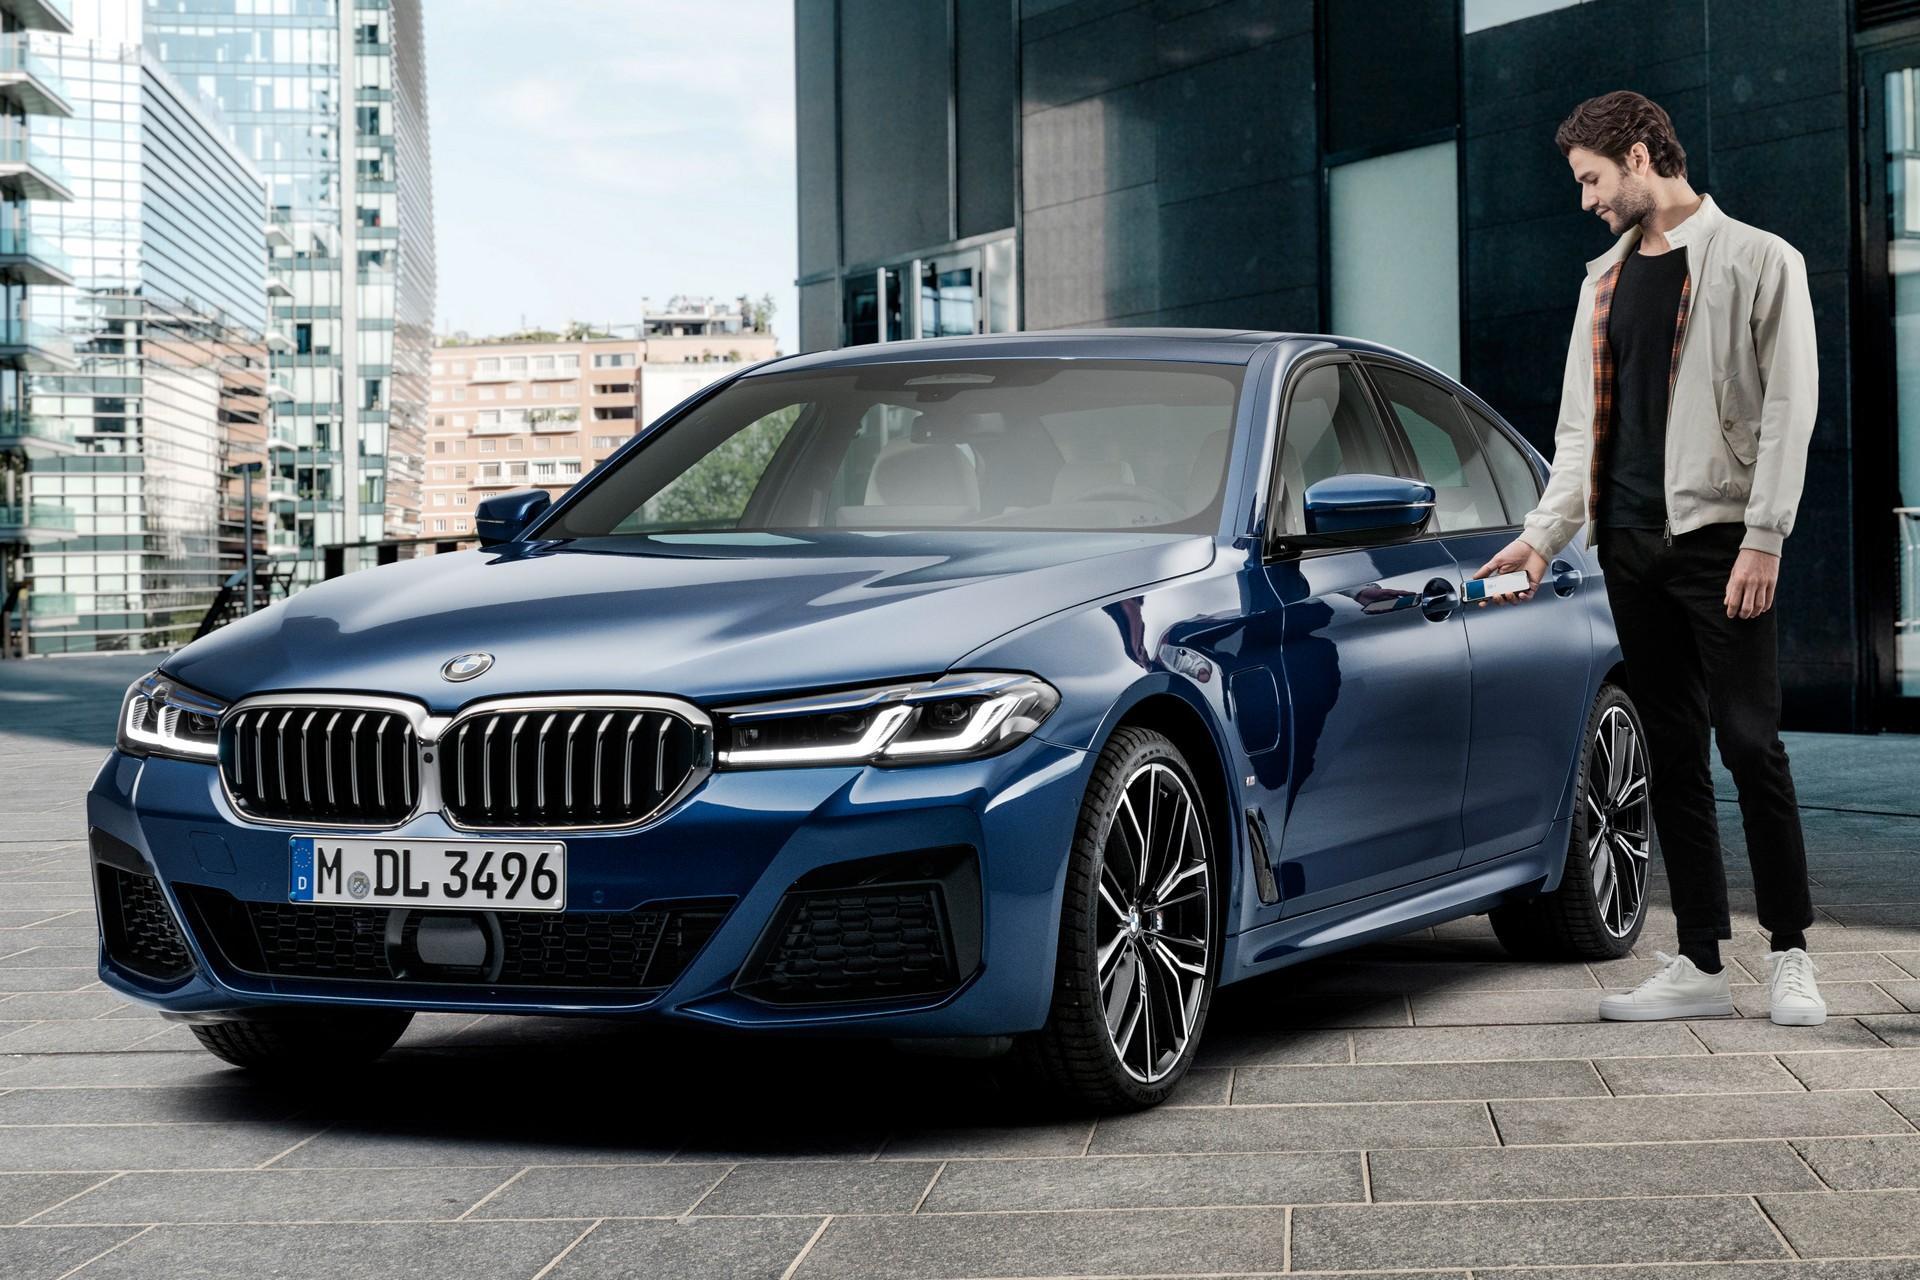 BMW và Apple hợp tác triển khai công nghệ khoá kỹ thuật số